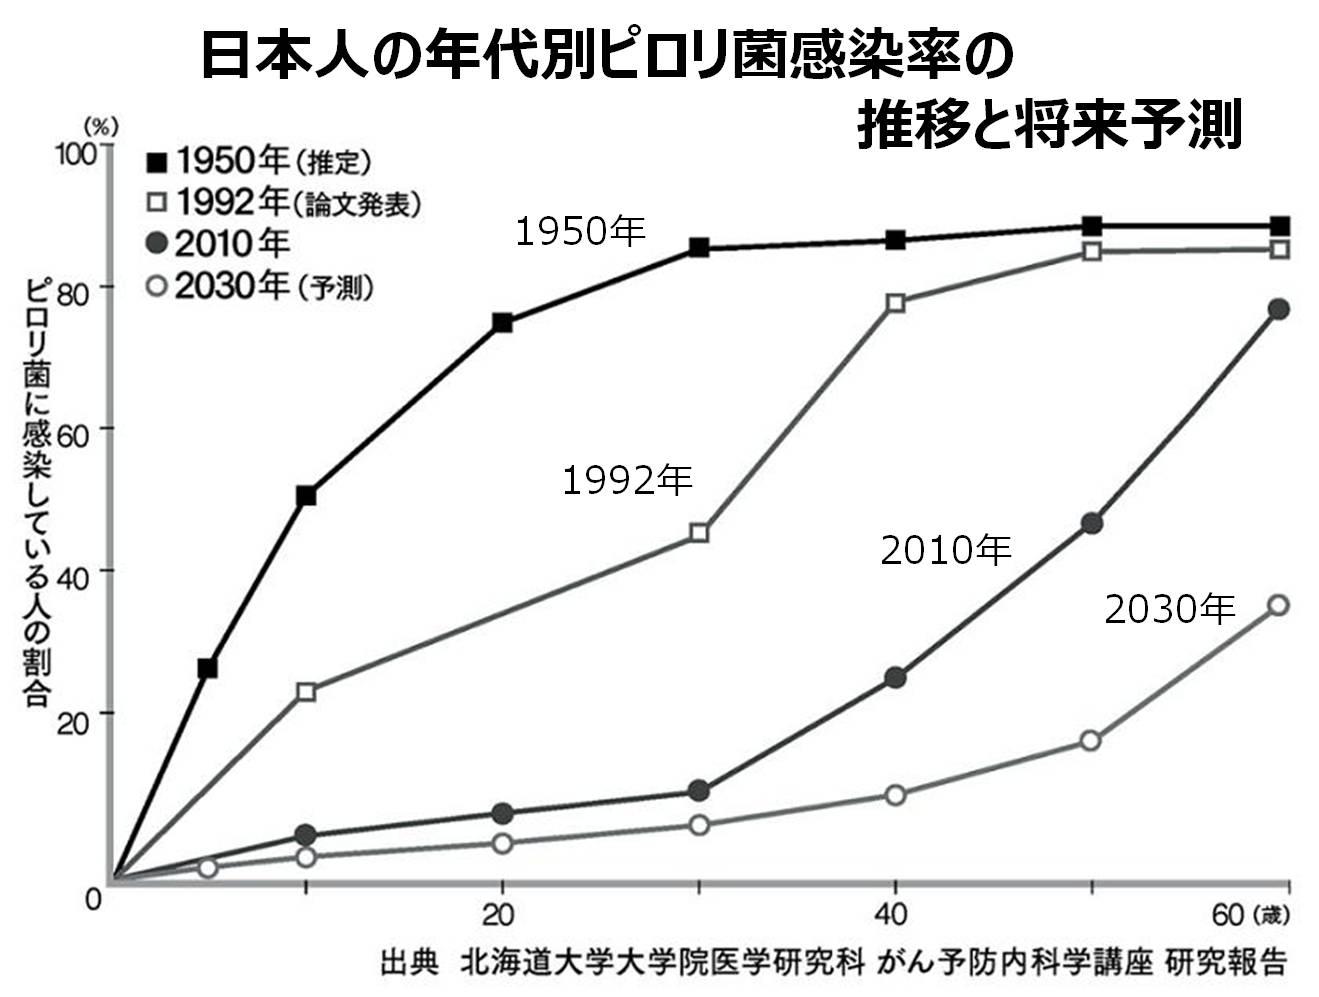 ピロリ菌感染 割合 日本人